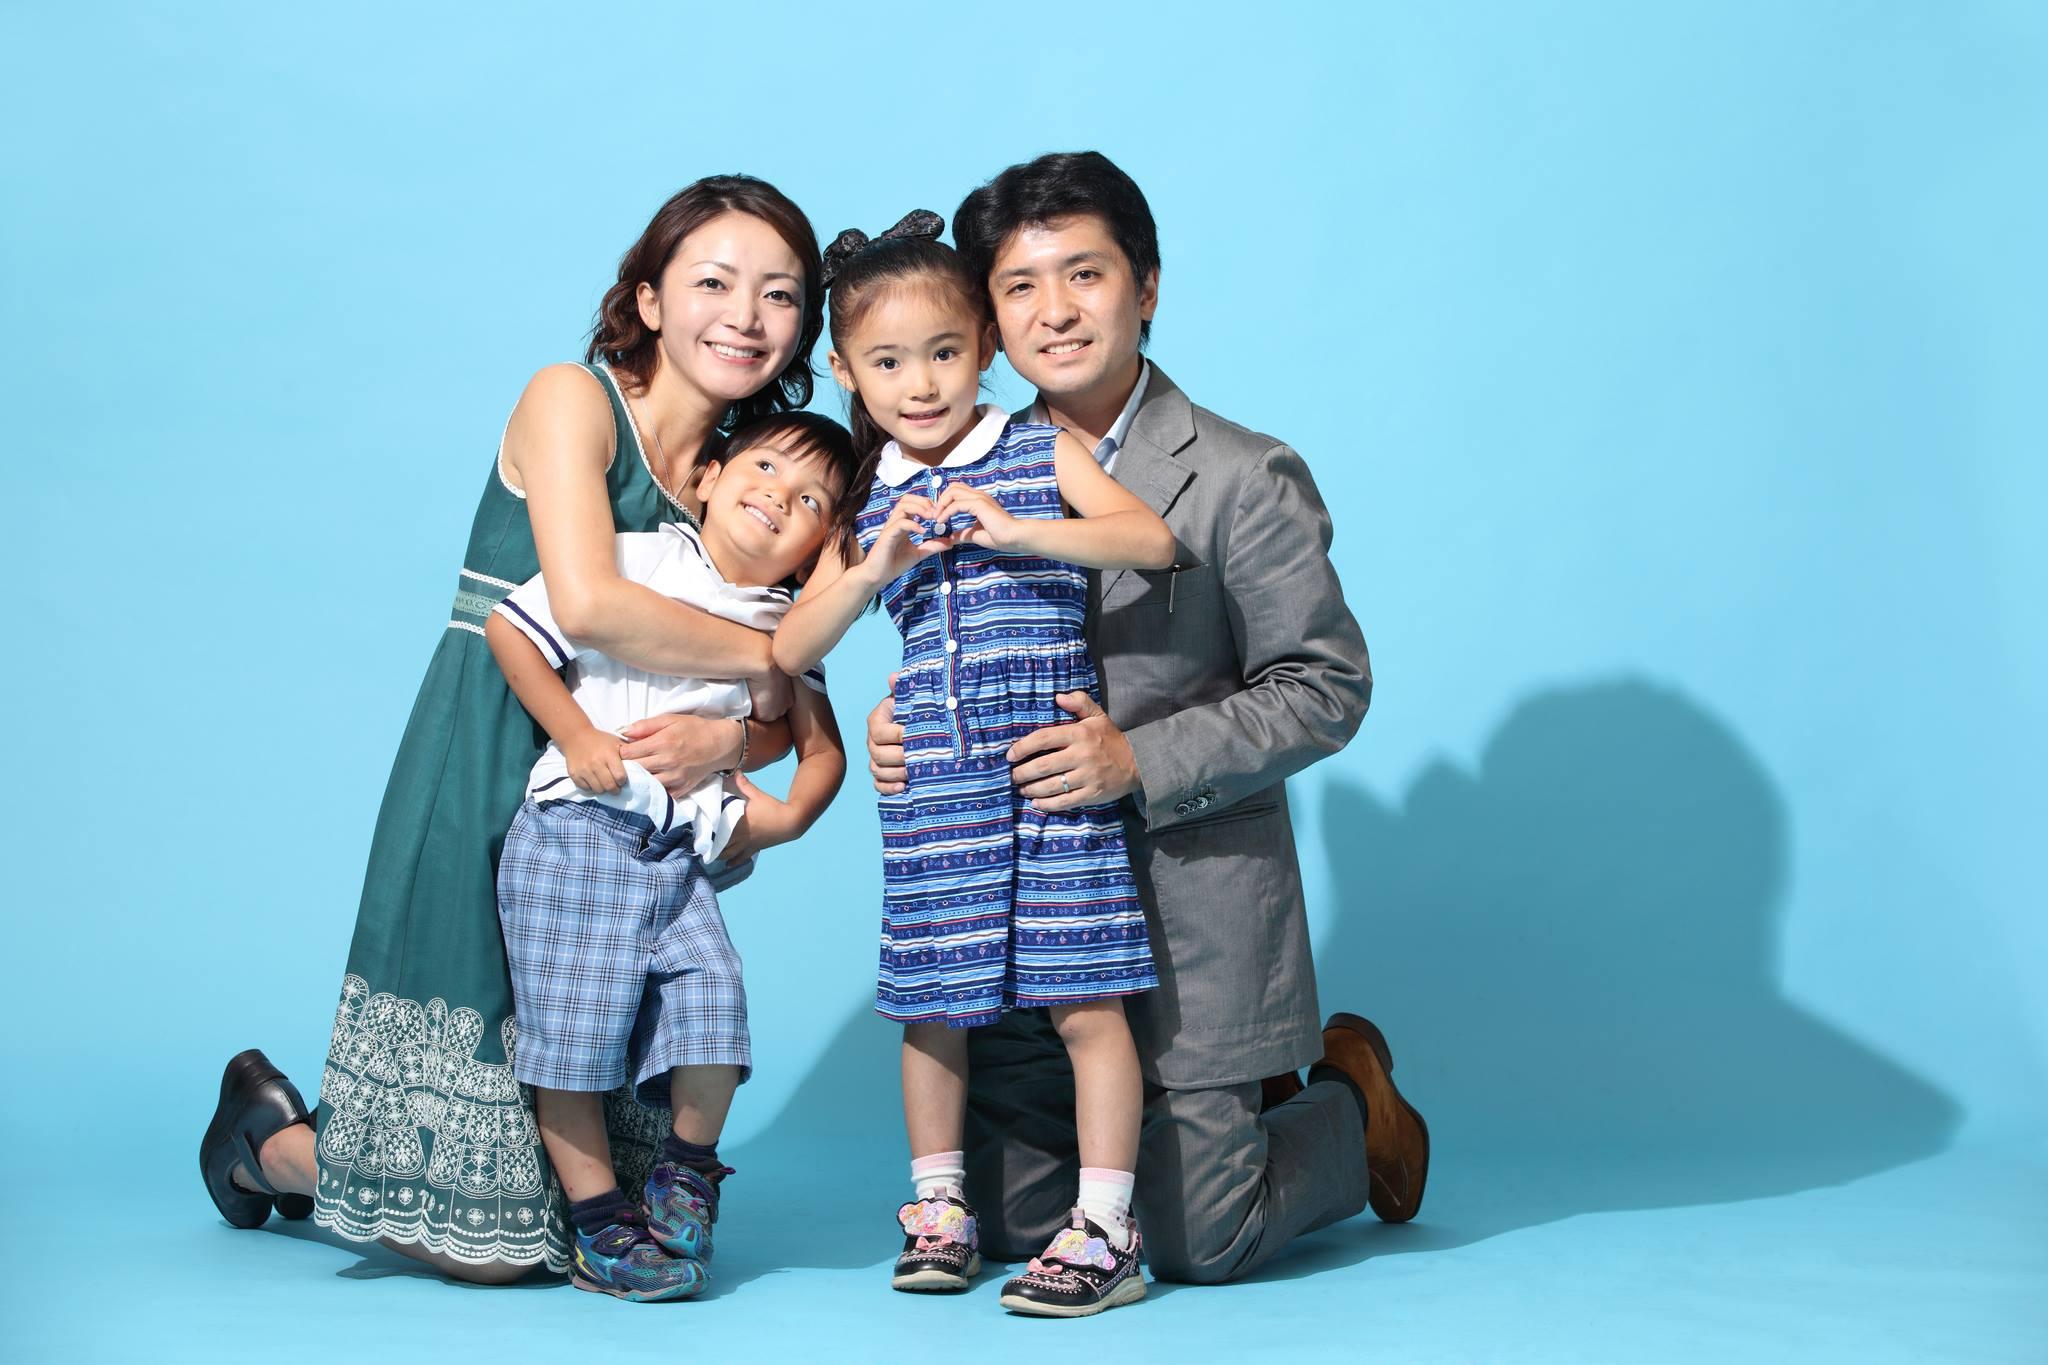 久しぶりにフォトスタジオで撮ってもらった家族写真